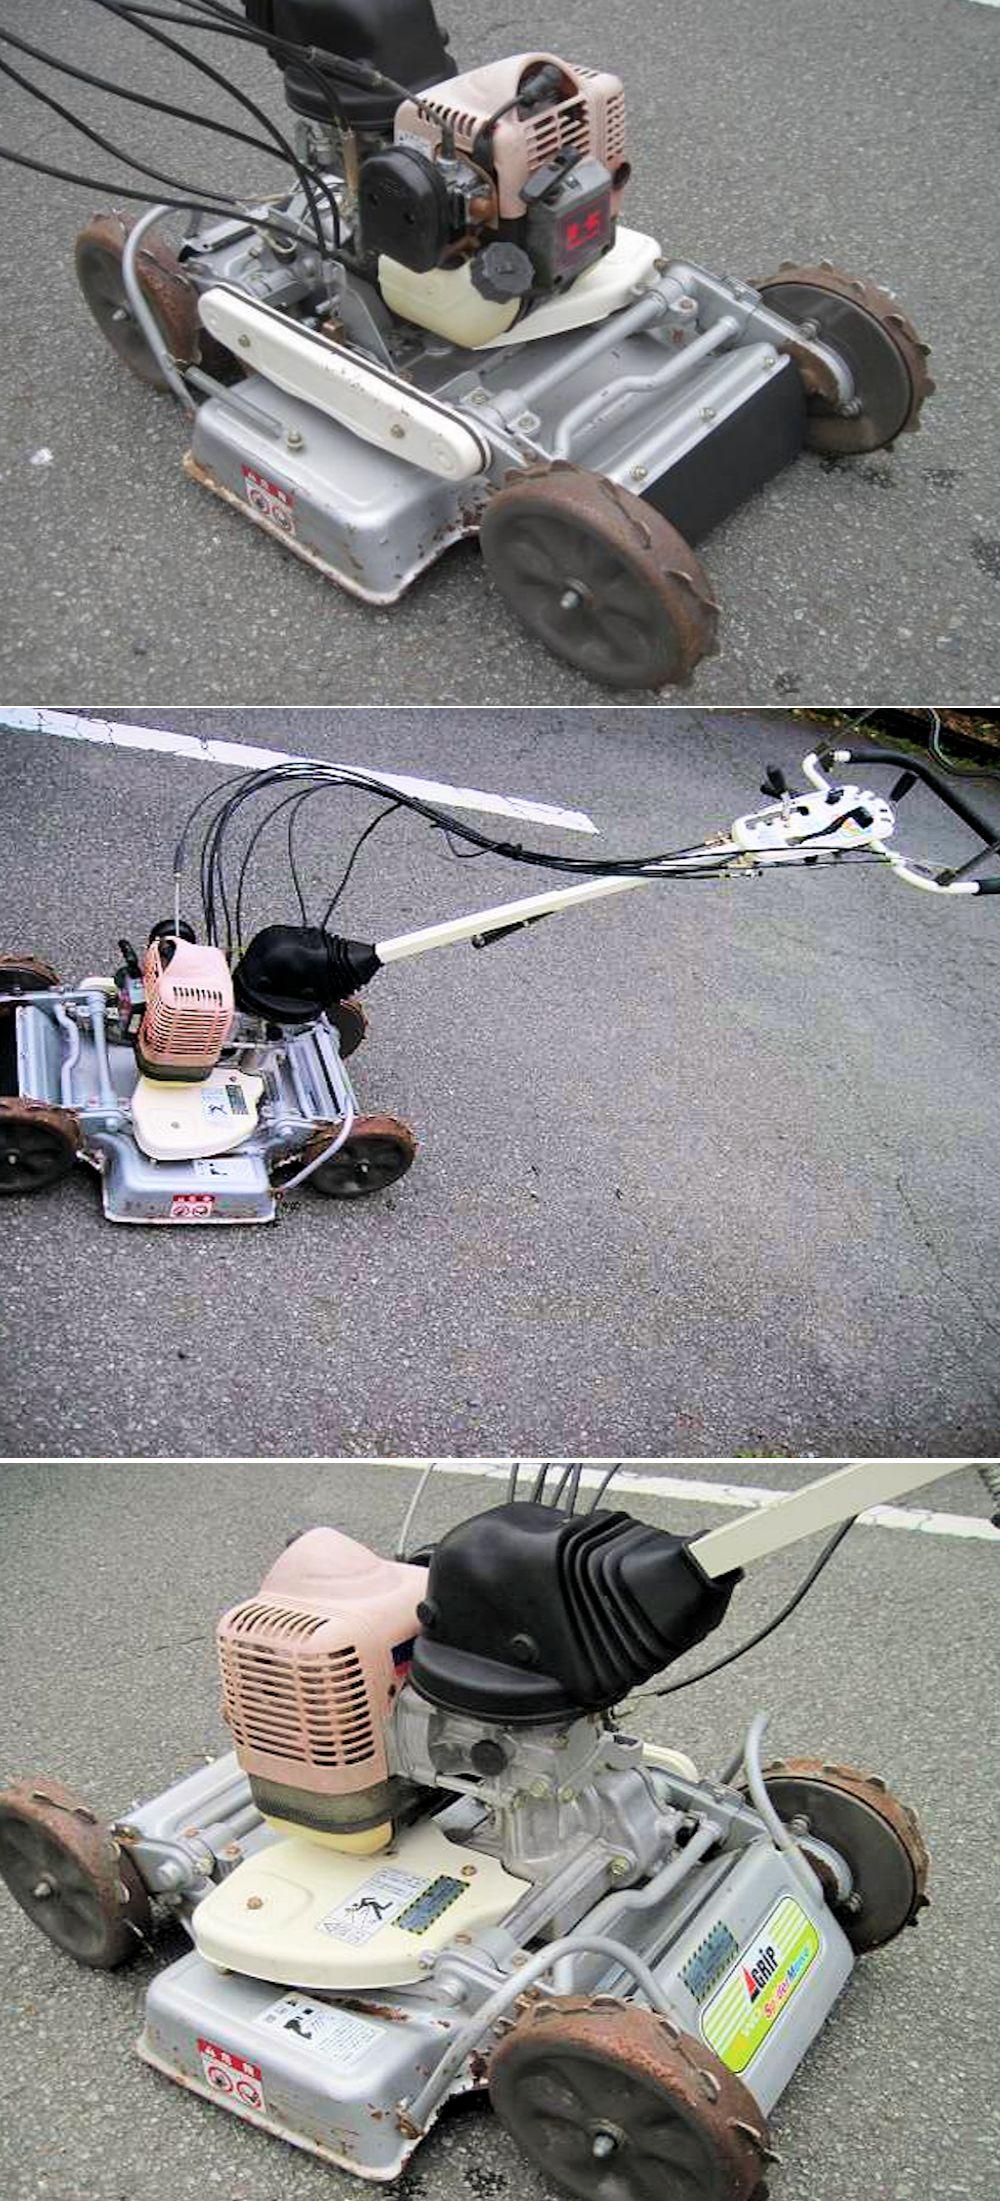 オーレック スパイダーモア SP50 法面畦(あぜ)草刈機 4WD 完全実働品 中古